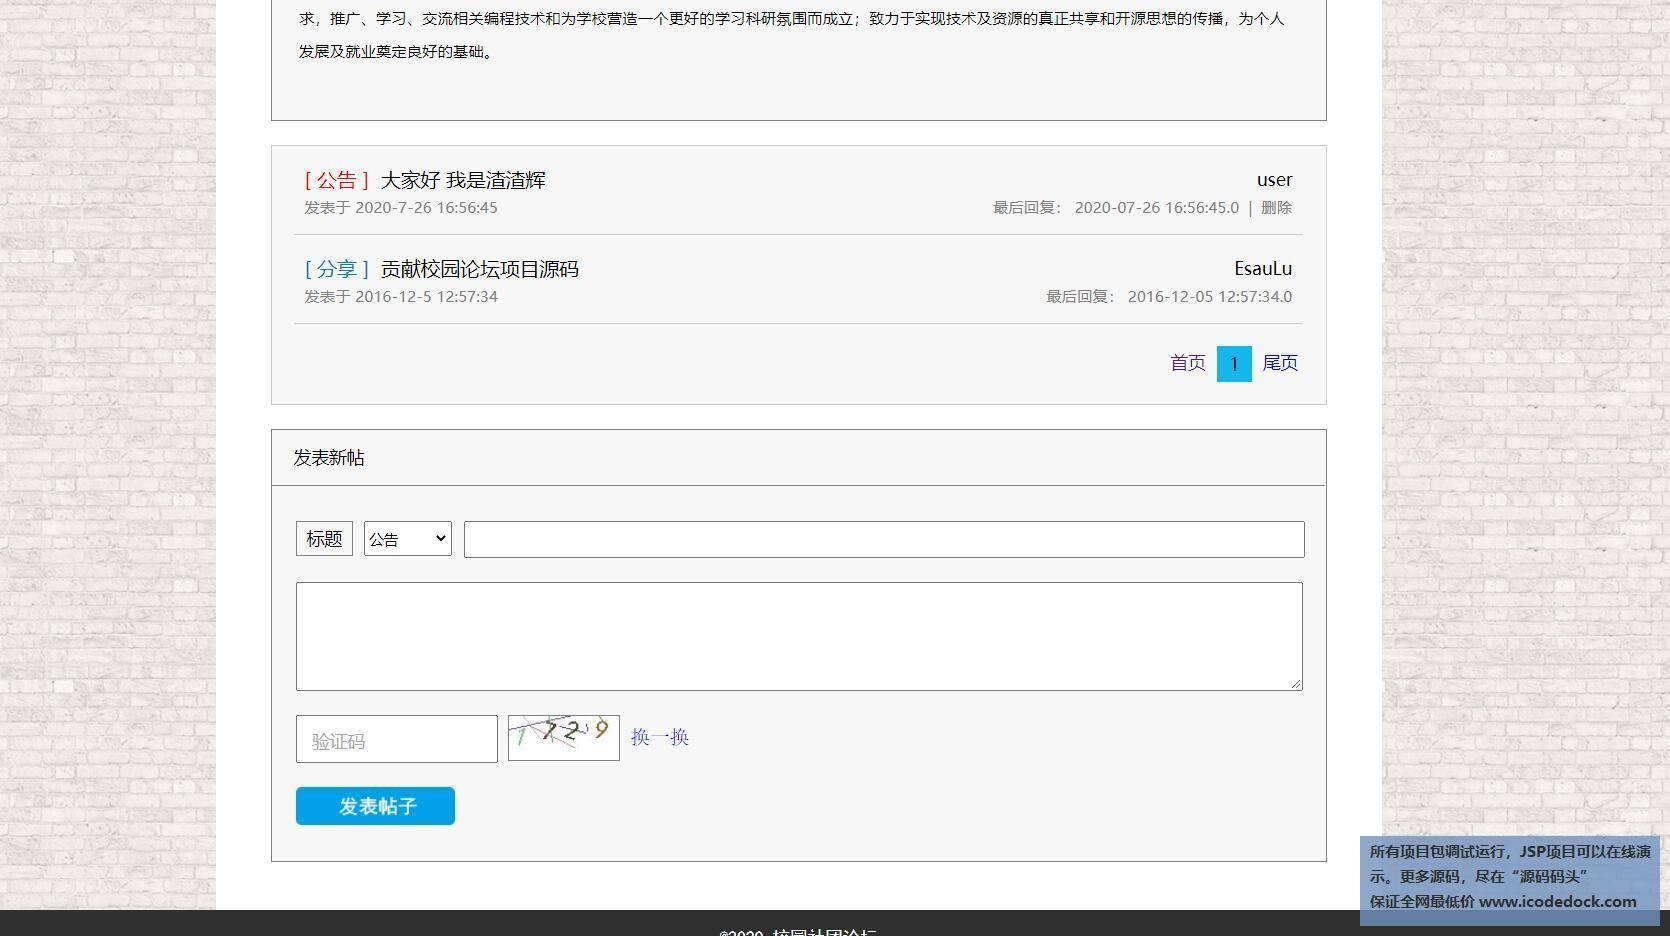 源码码头-JSP校园论坛管理系统-用户角色-发表帖子